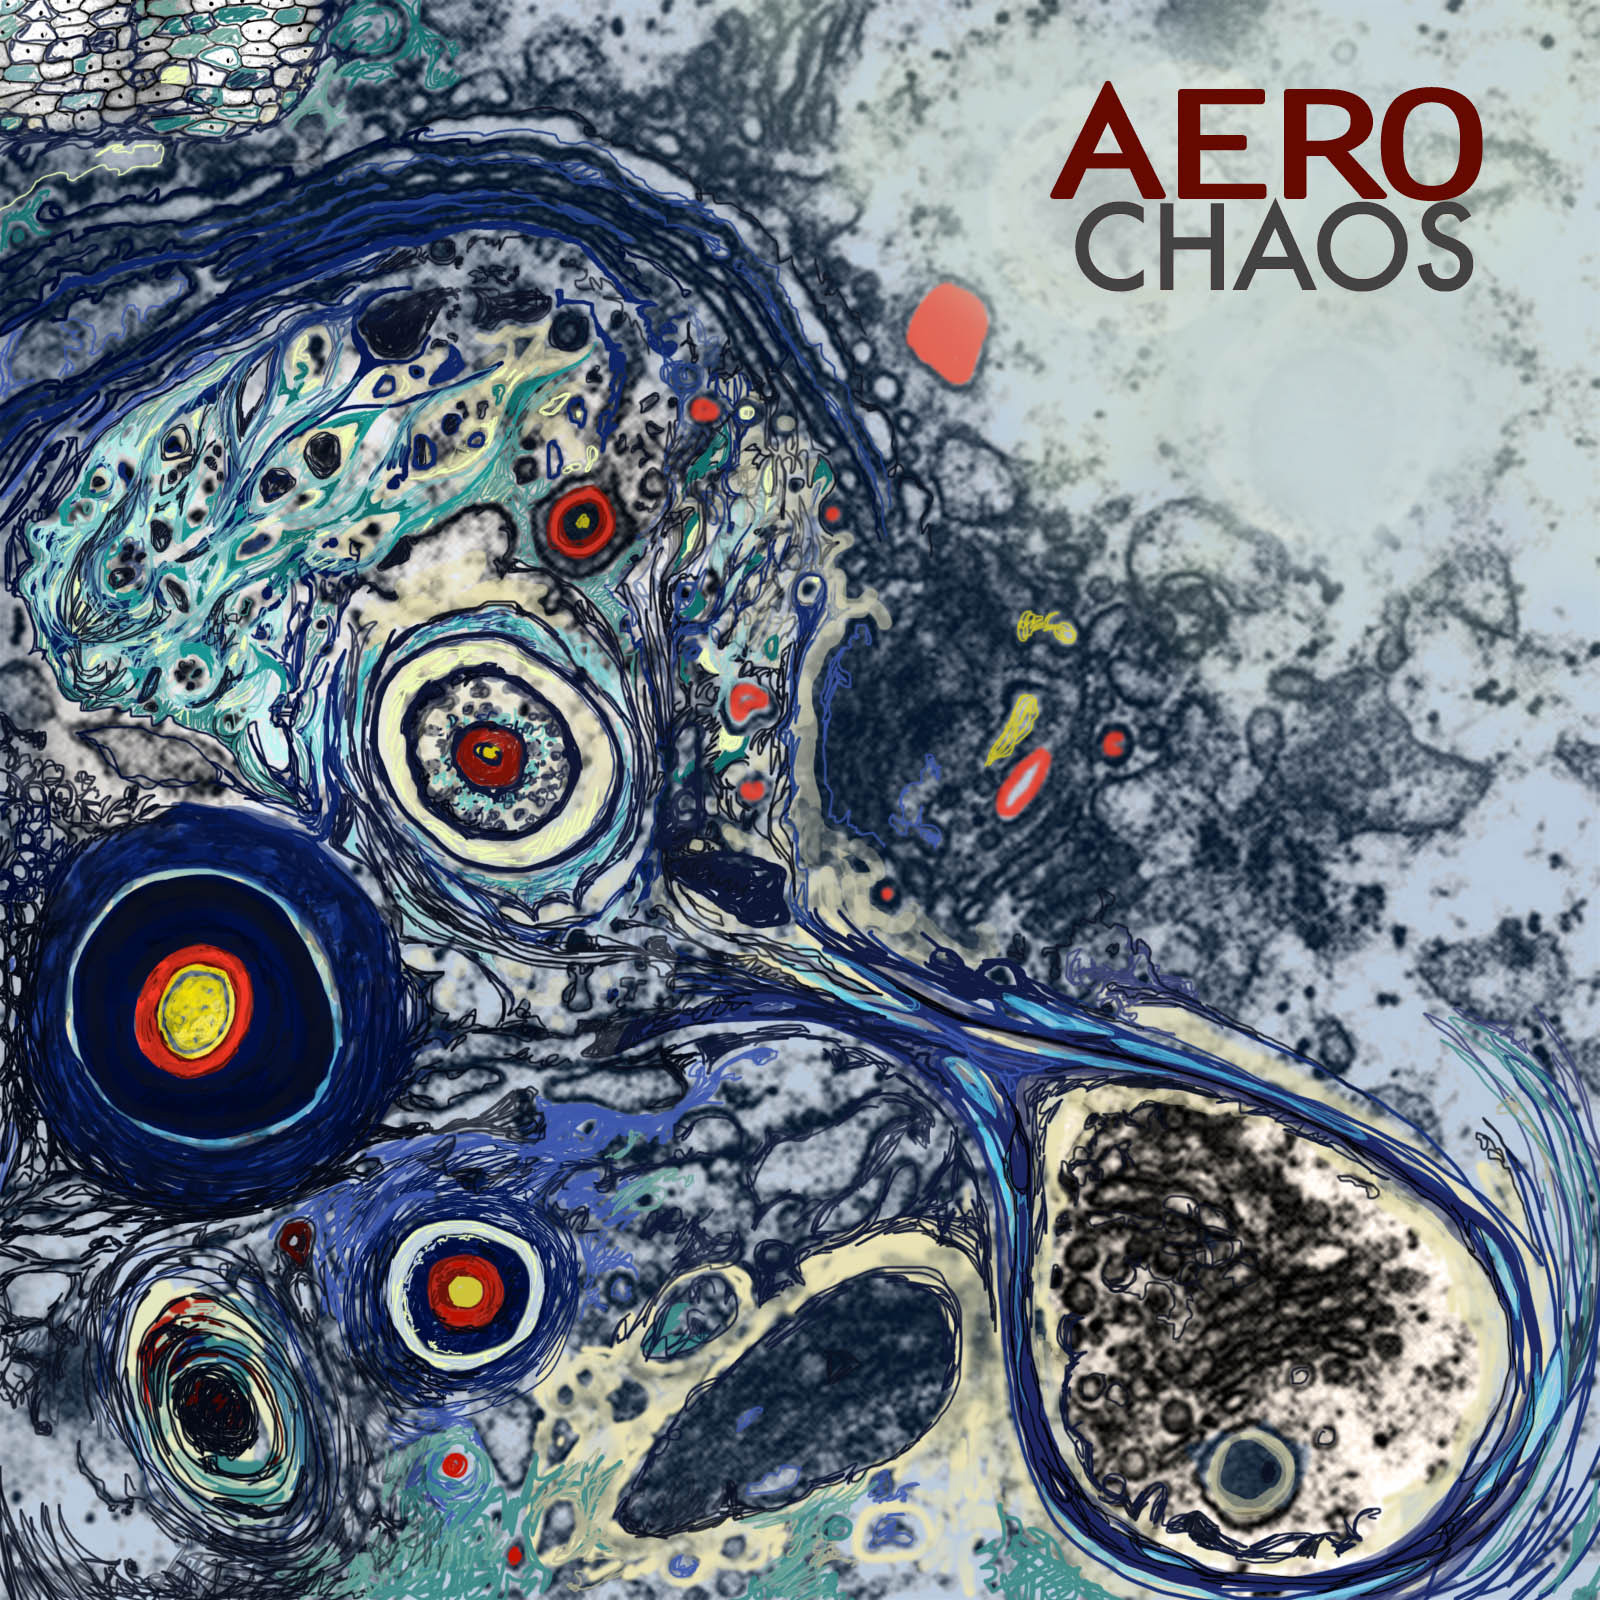 Aero Chaos